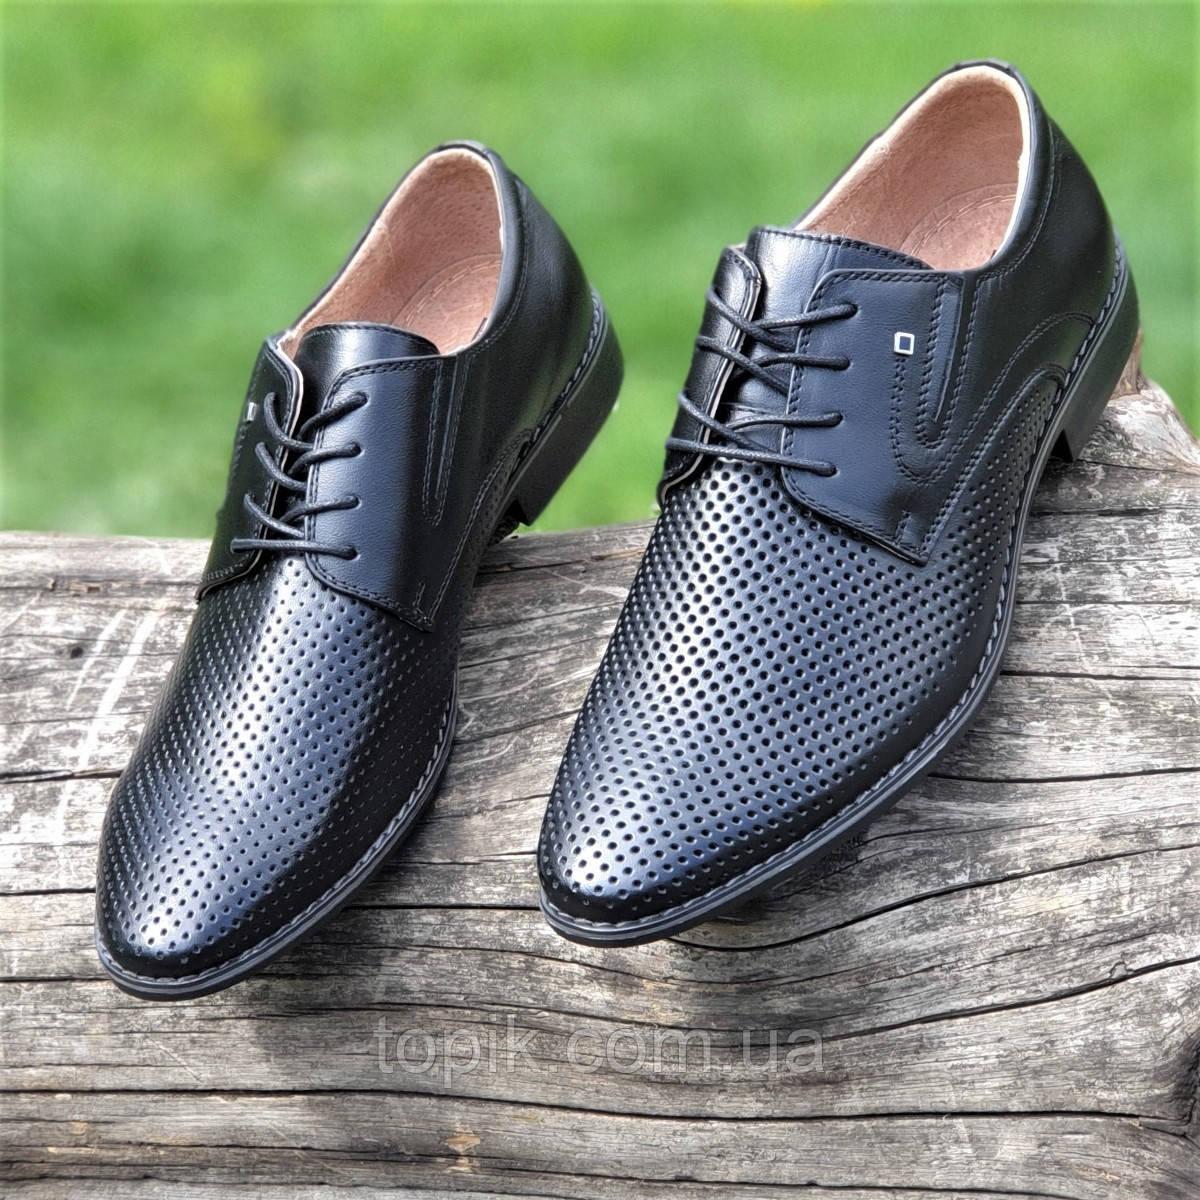 Мужские летние туфли черные кожаные классические на шнурках в дырочку (Код: 1466а)